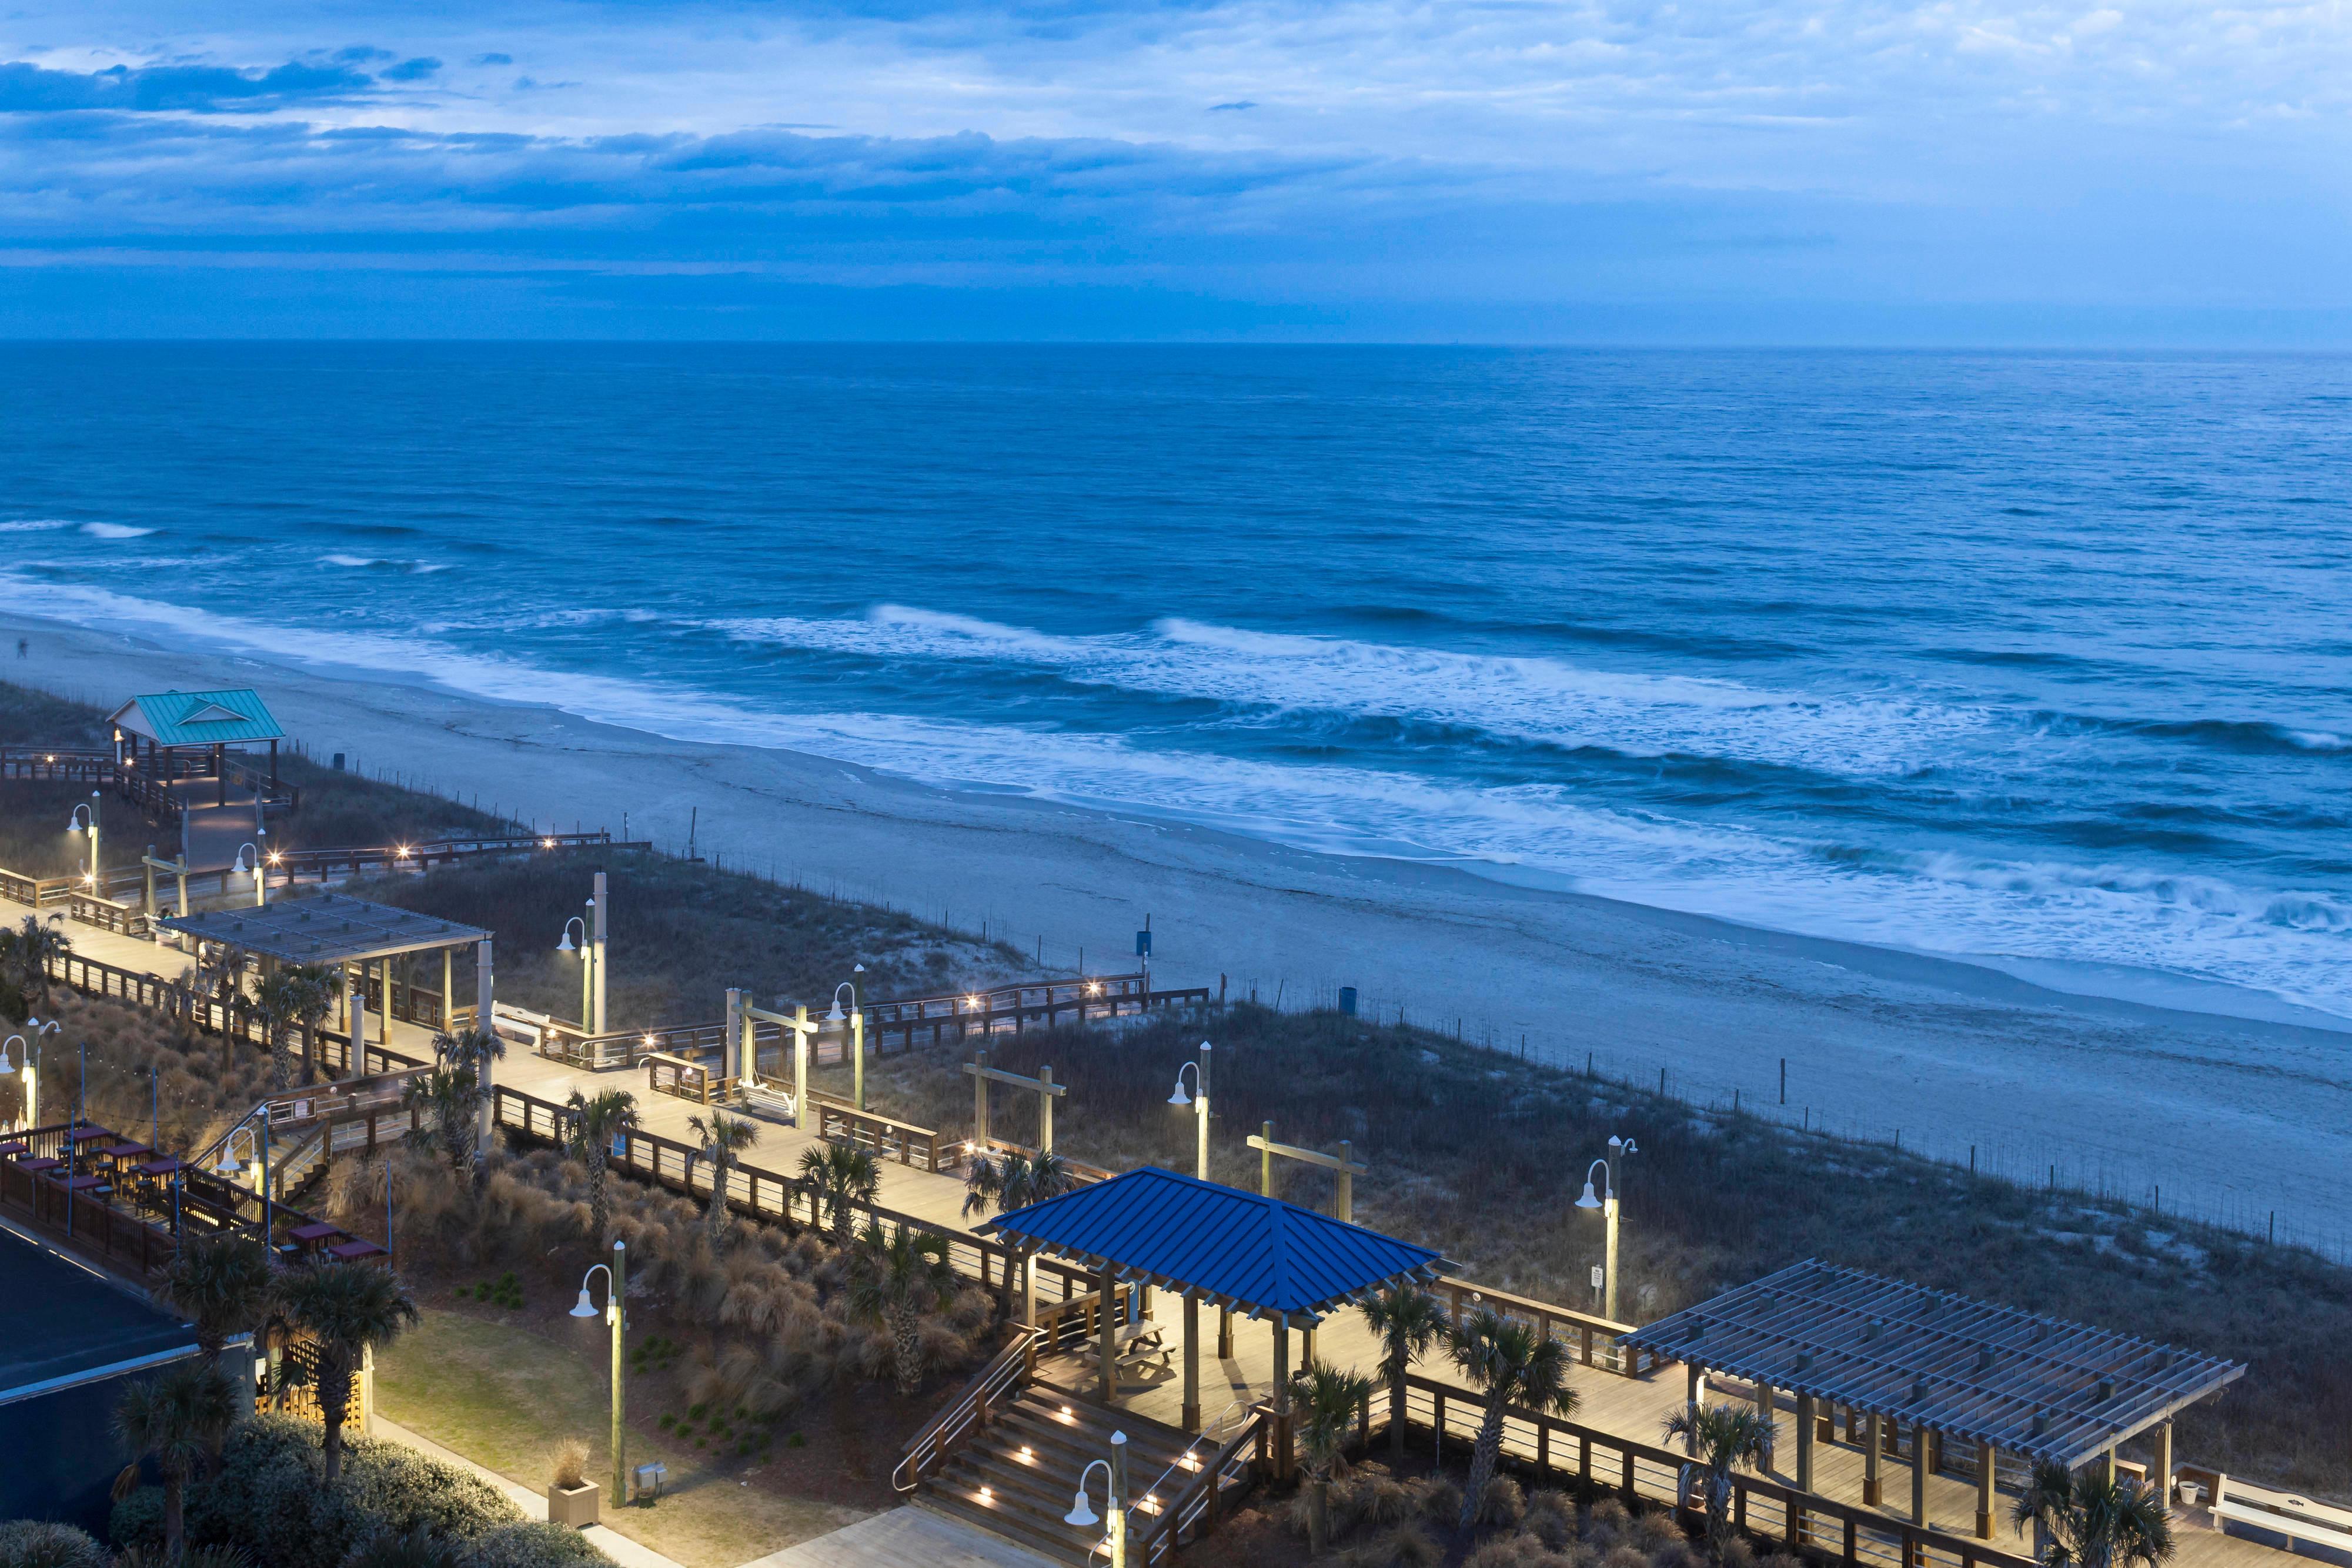 Courtyard by Marriott Carolina Beach Oceanfront